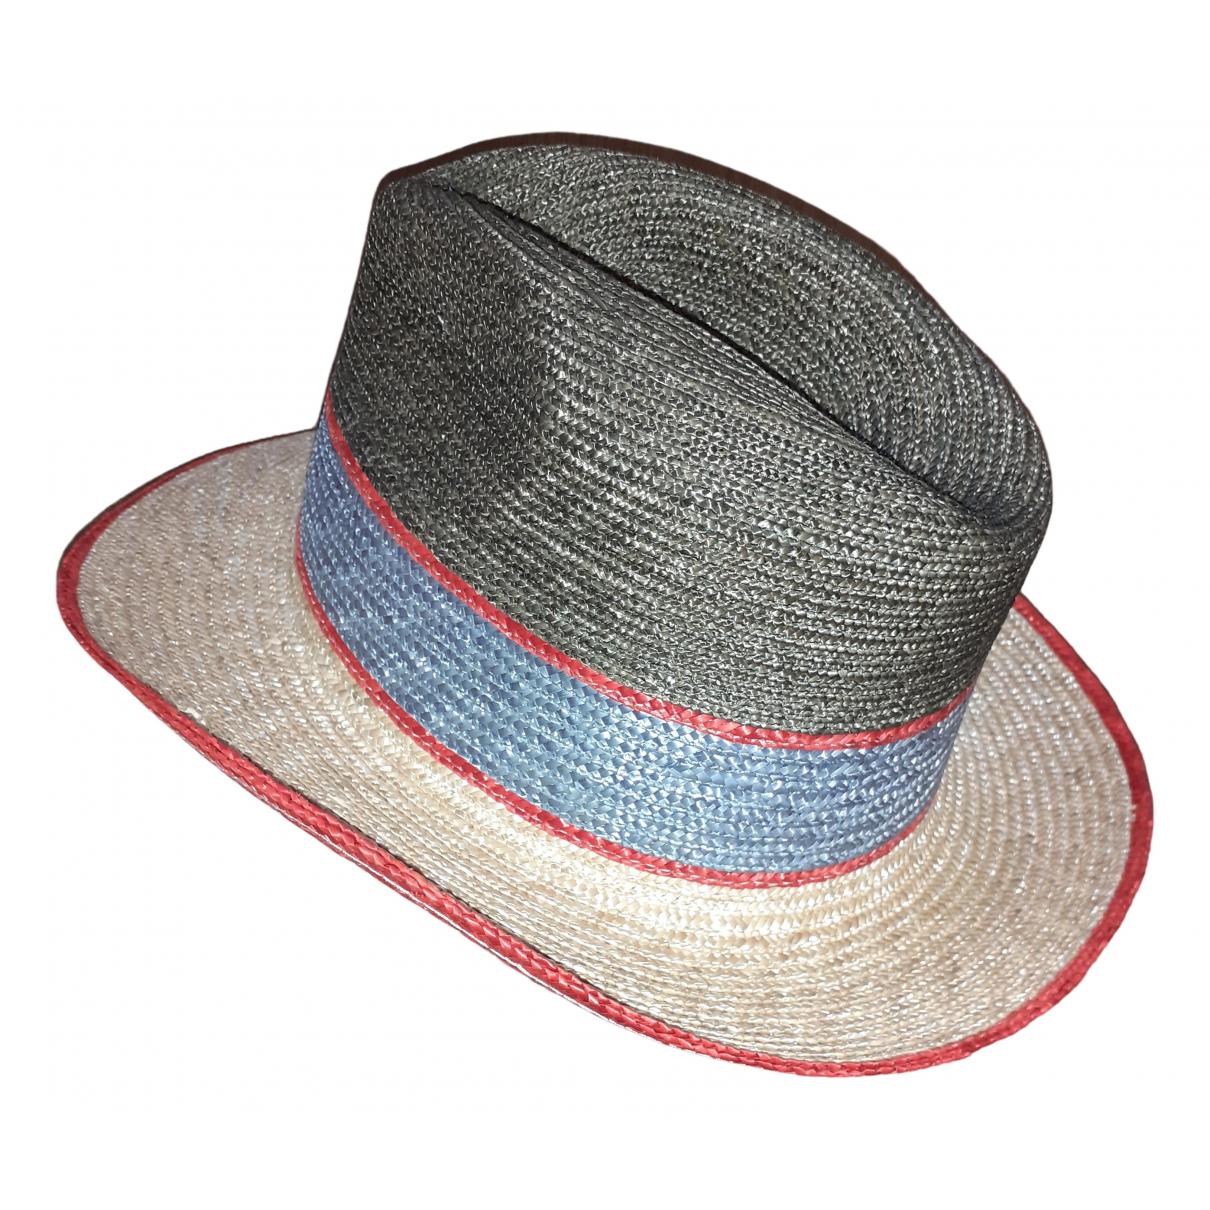 Hackett London - Chapeau & Bonnets   pour homme en paille